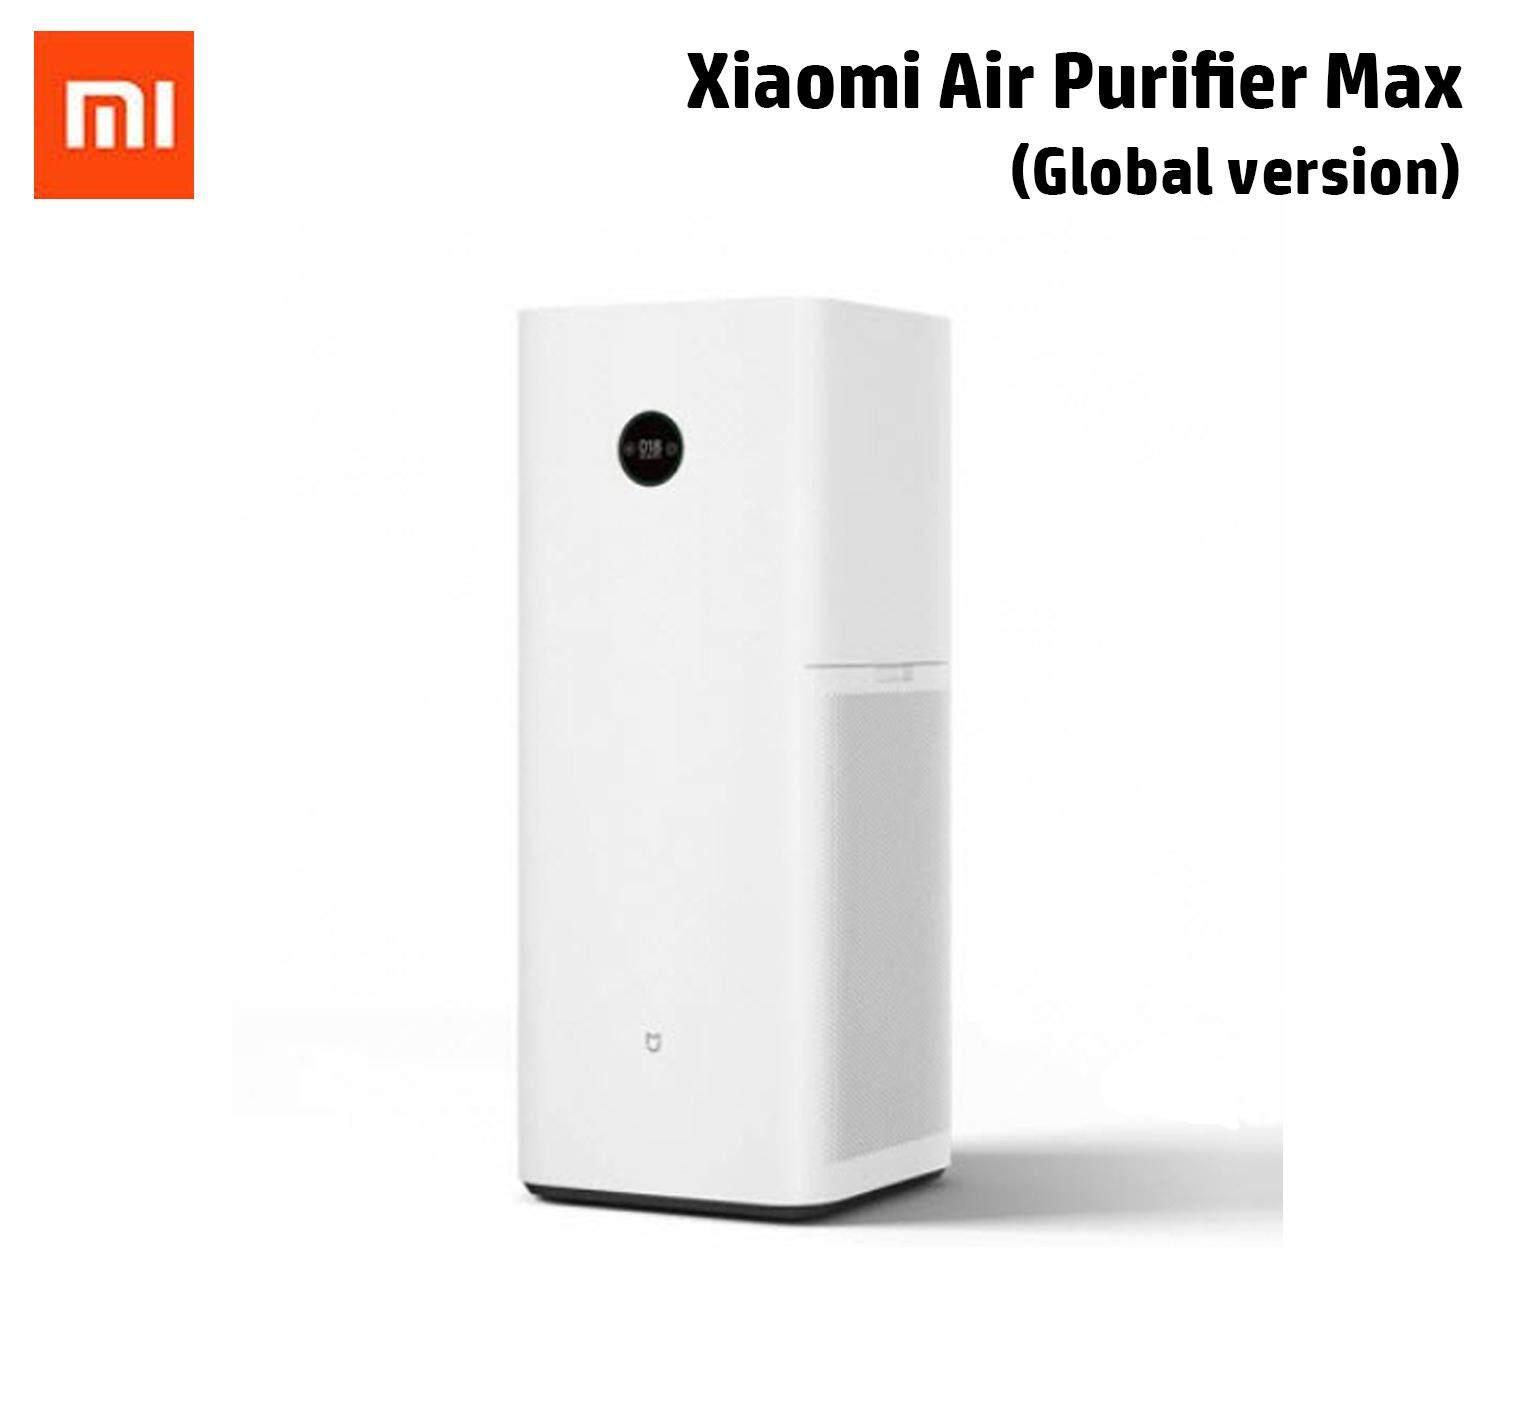 น่าน Xiaomi Air Purifier Max เครื่องฟอกอากาศ ประกันศูนย์ไทย วีเซิร์ฟพลัส 1 ปี